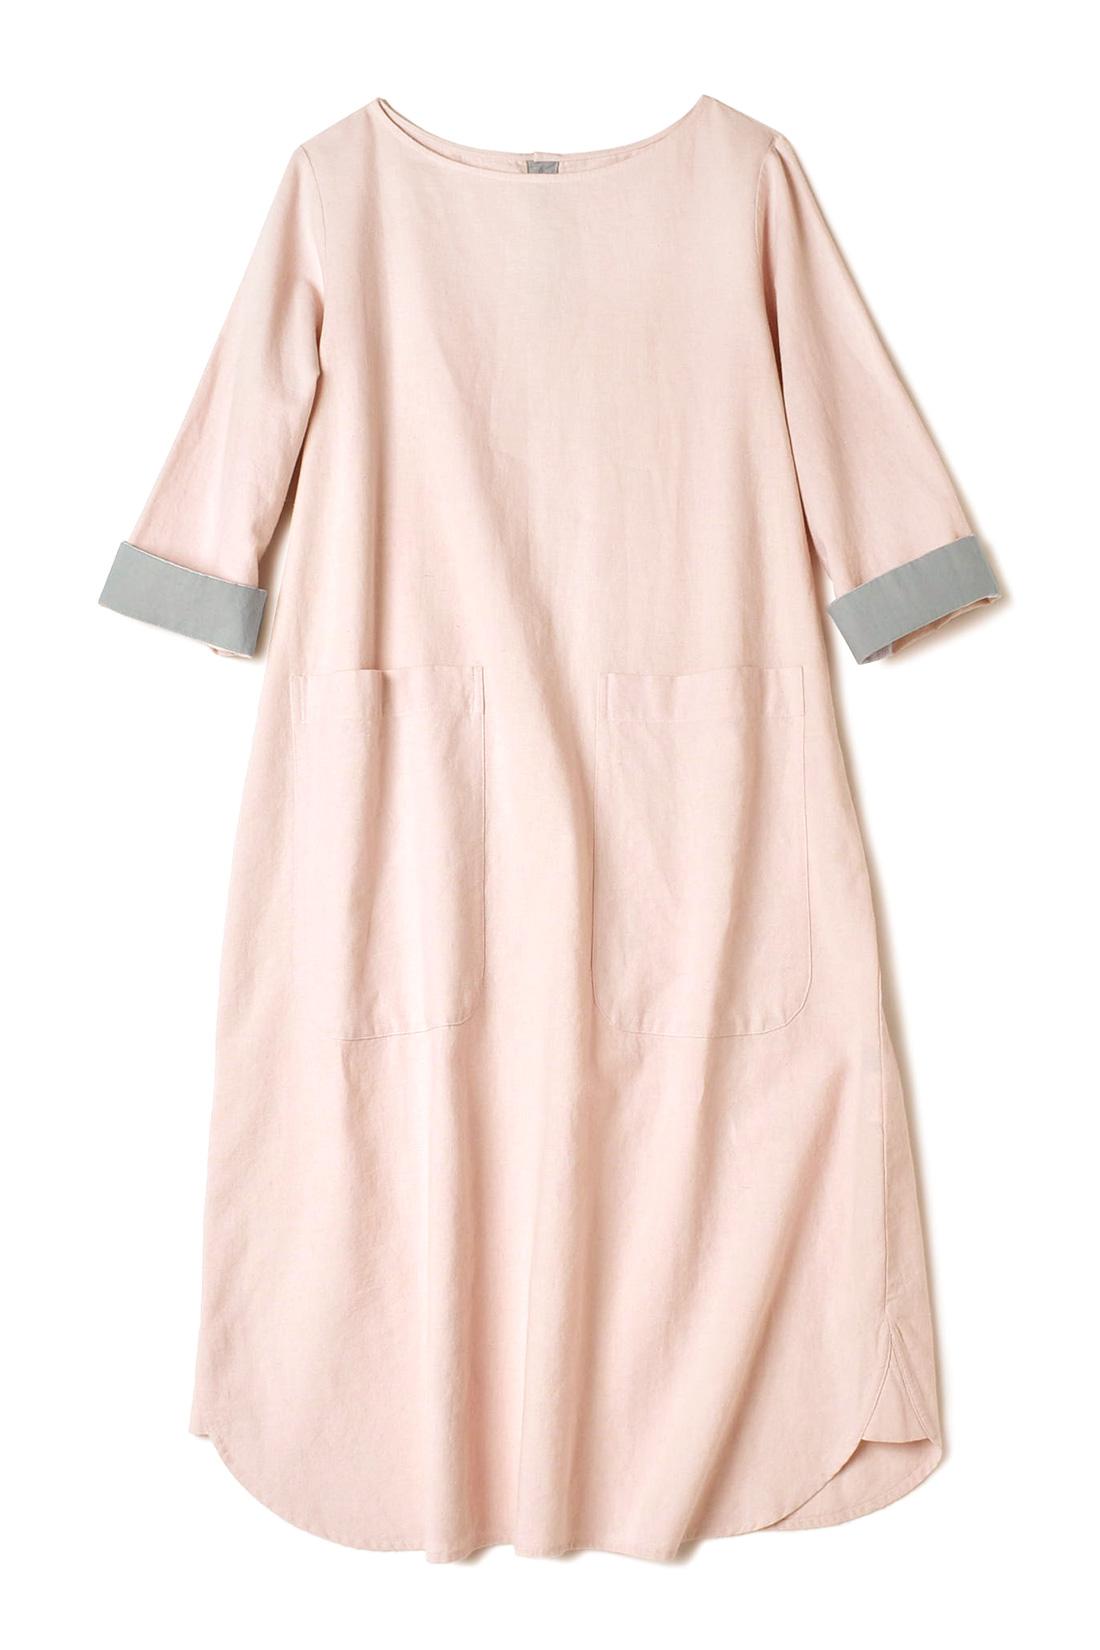 【ベビーピンク】折り返して着ても◎。